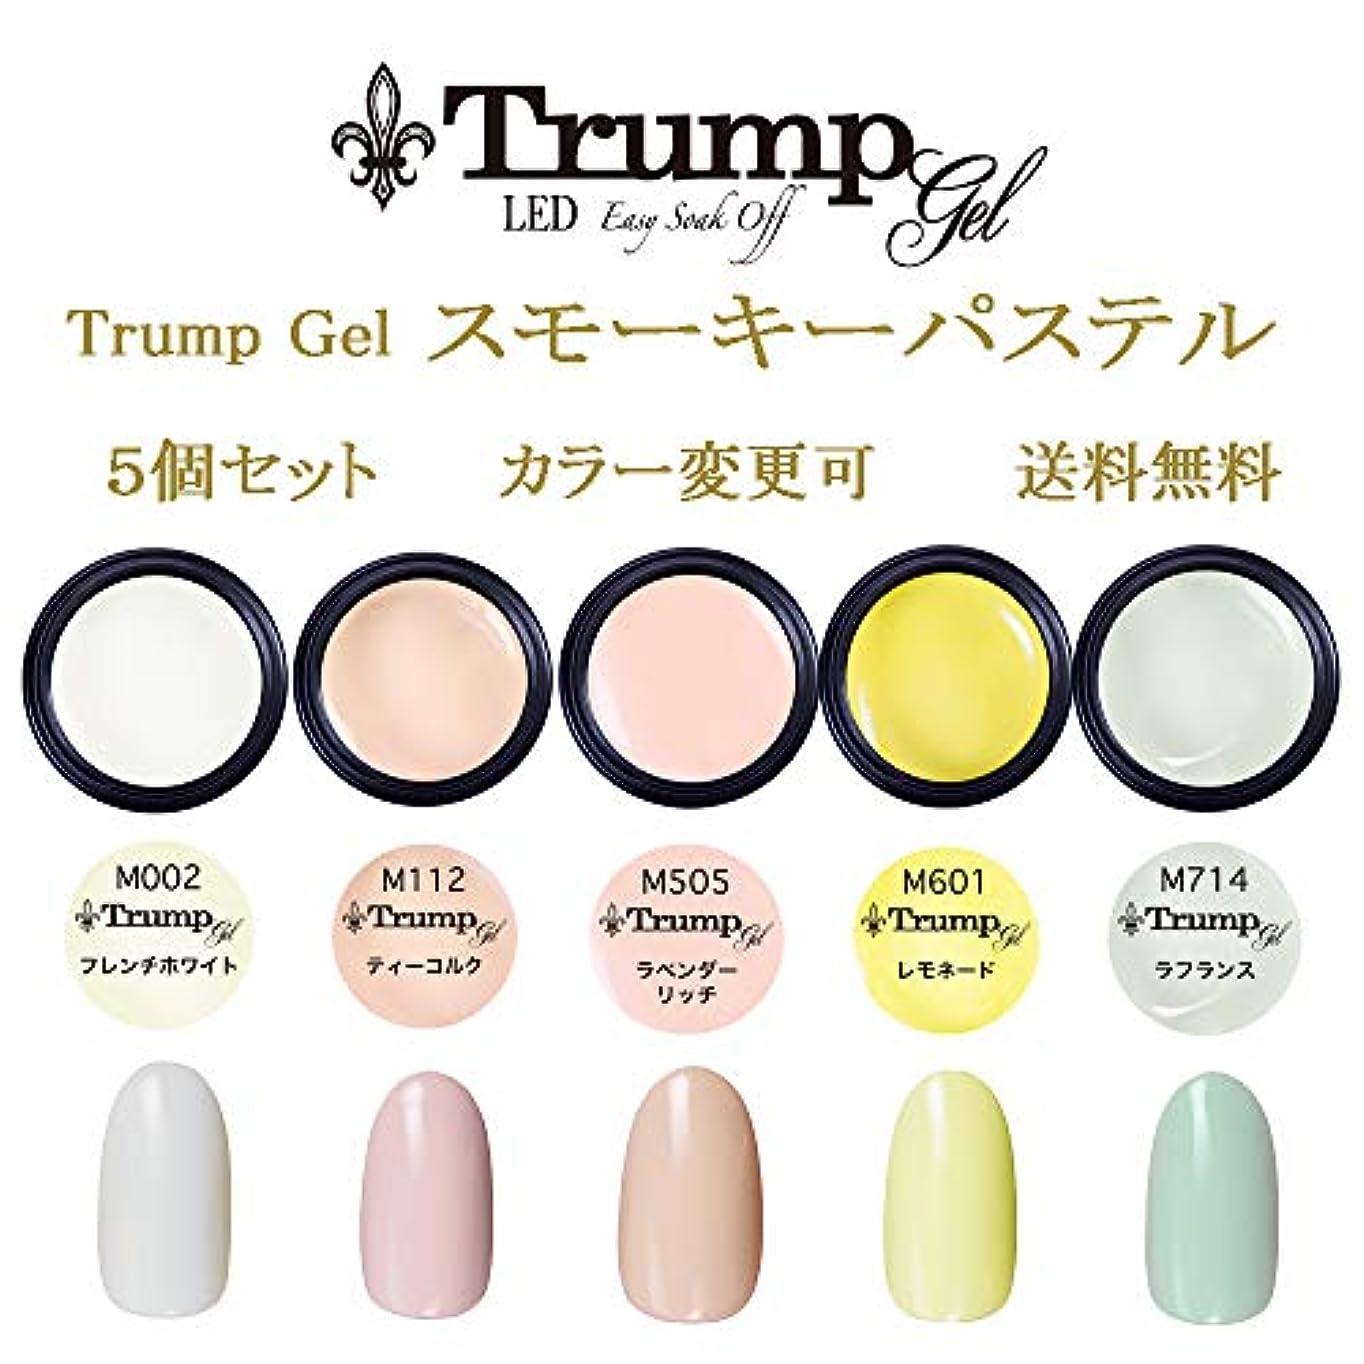 大声で交換傑出した日本製 Trump gel トランプジェル スモーキー パステルカラー 選べる カラージェル5個セット ホワイト ベージュ ピンク イエロー グリーン